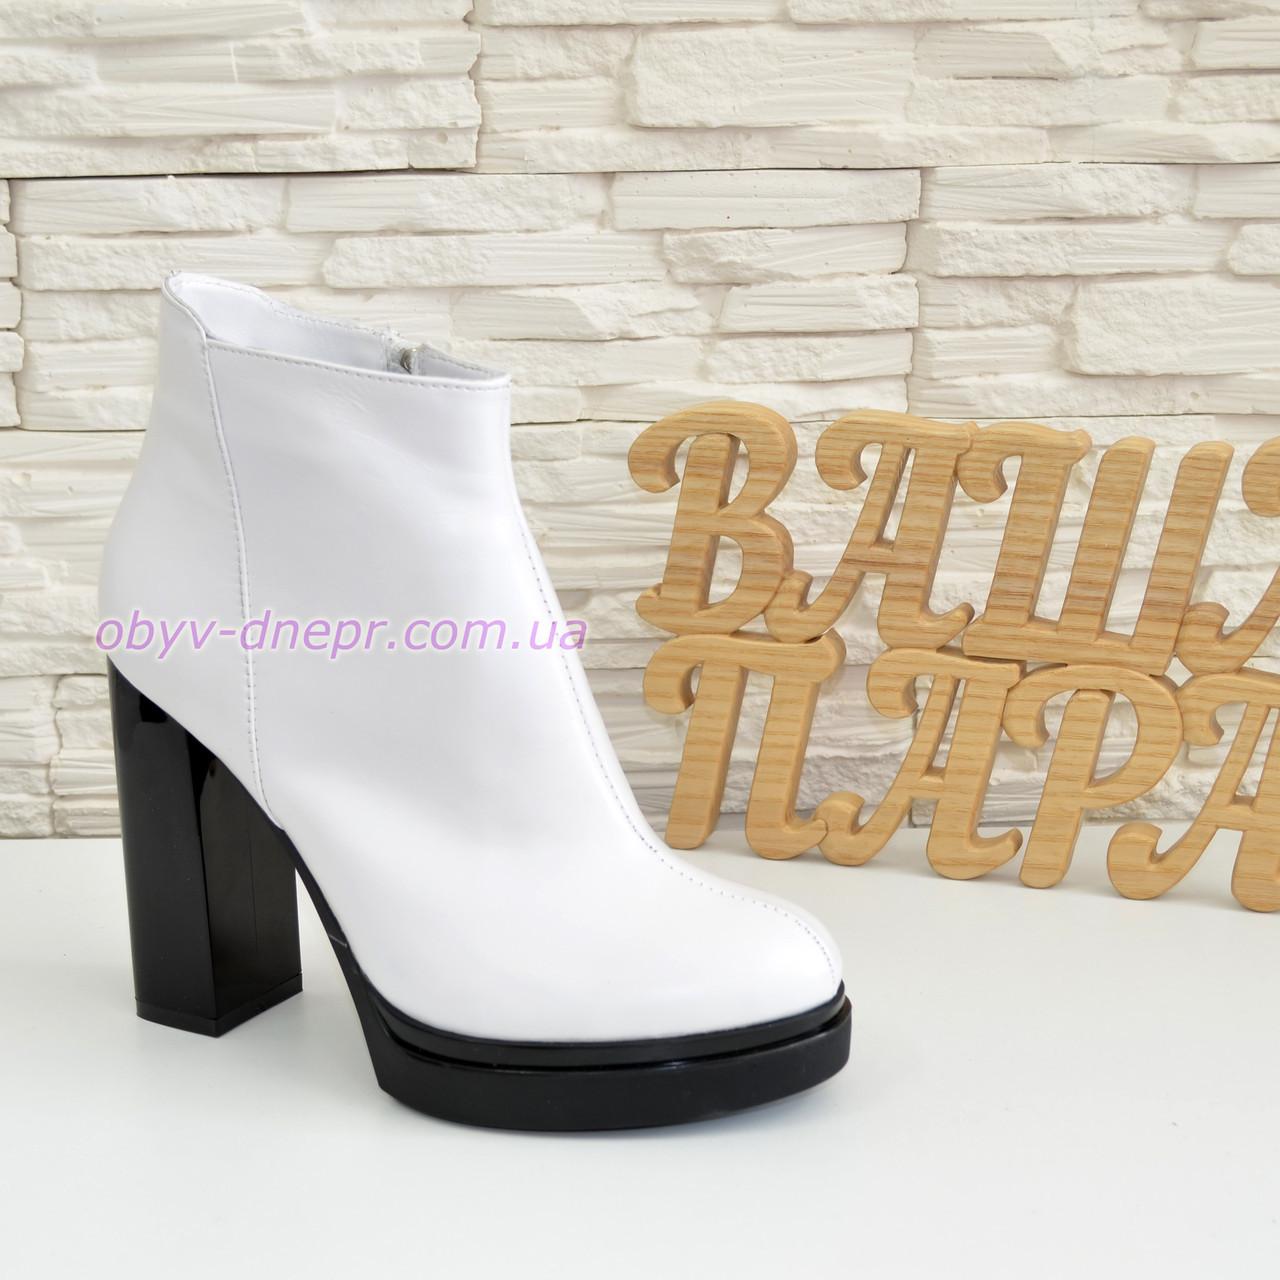 Ботинки демисезонные женские классические на высоком каблуке, из натуральной кожи, цвет белый.